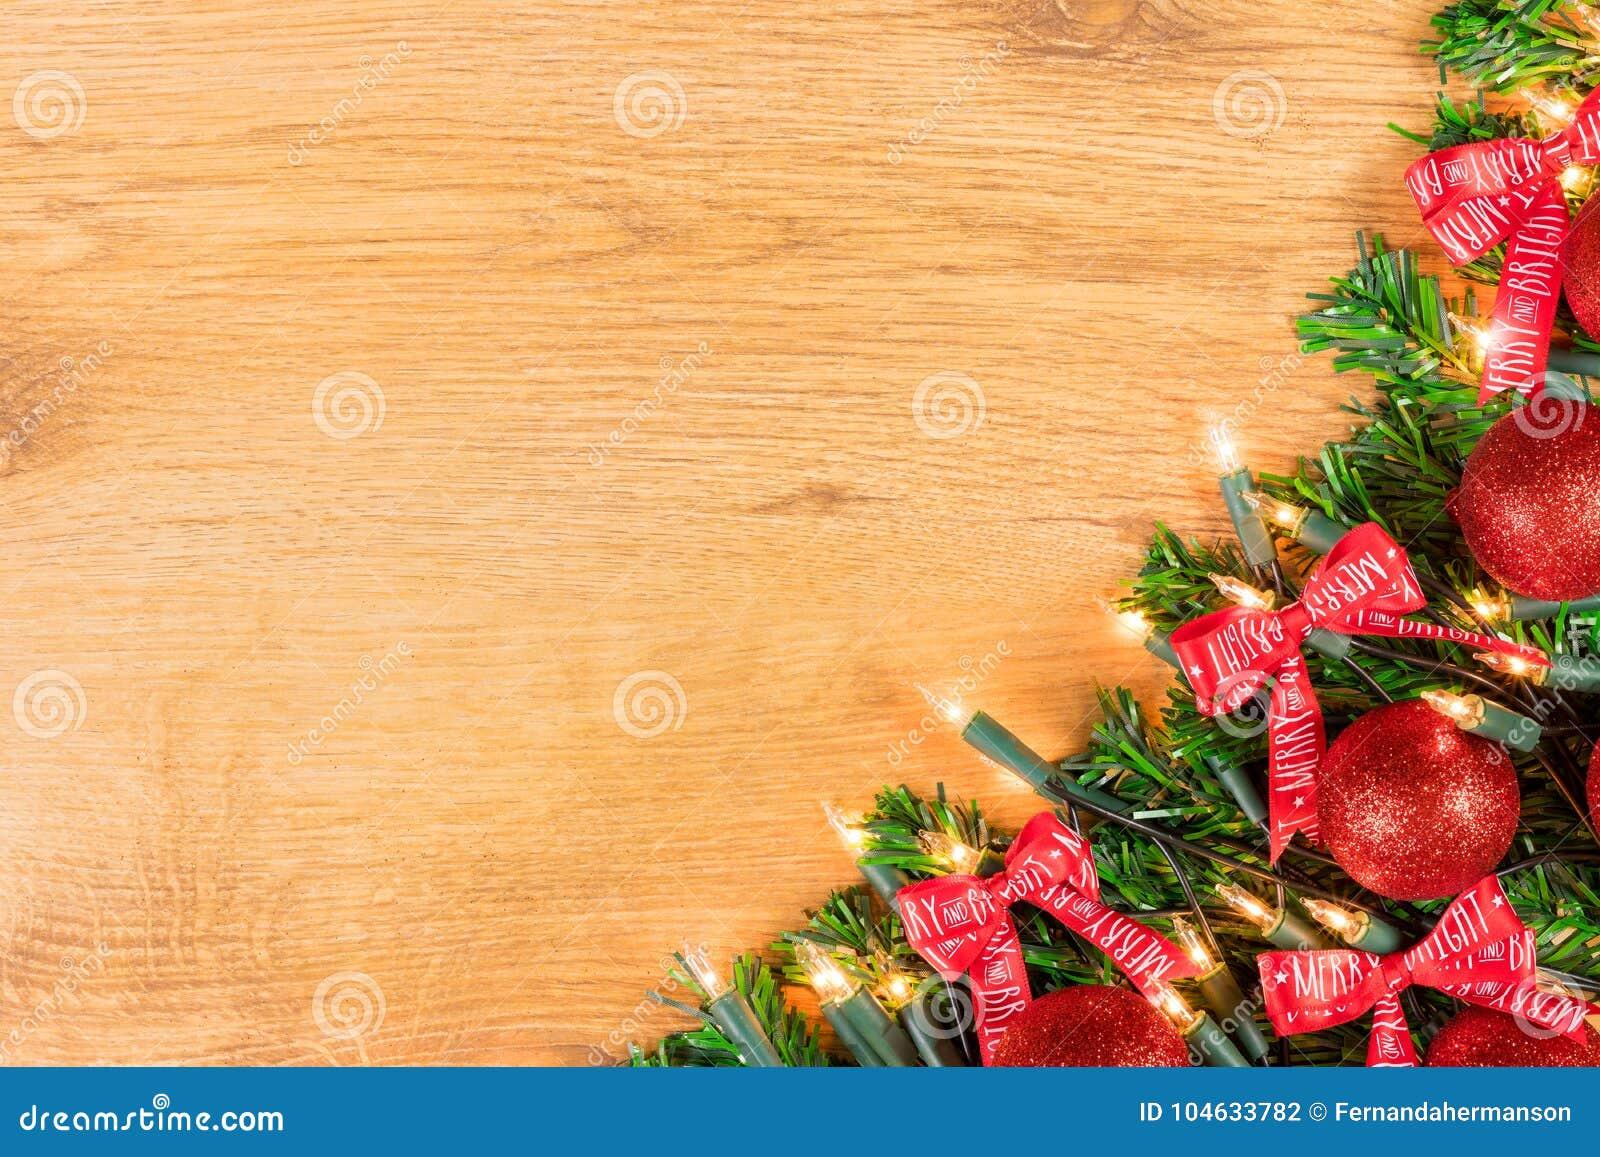 Download De Decoratie Van Kerstmis Op Houten Achtergrond Stock Foto - Afbeelding bestaande uit kant, baubles: 104633782